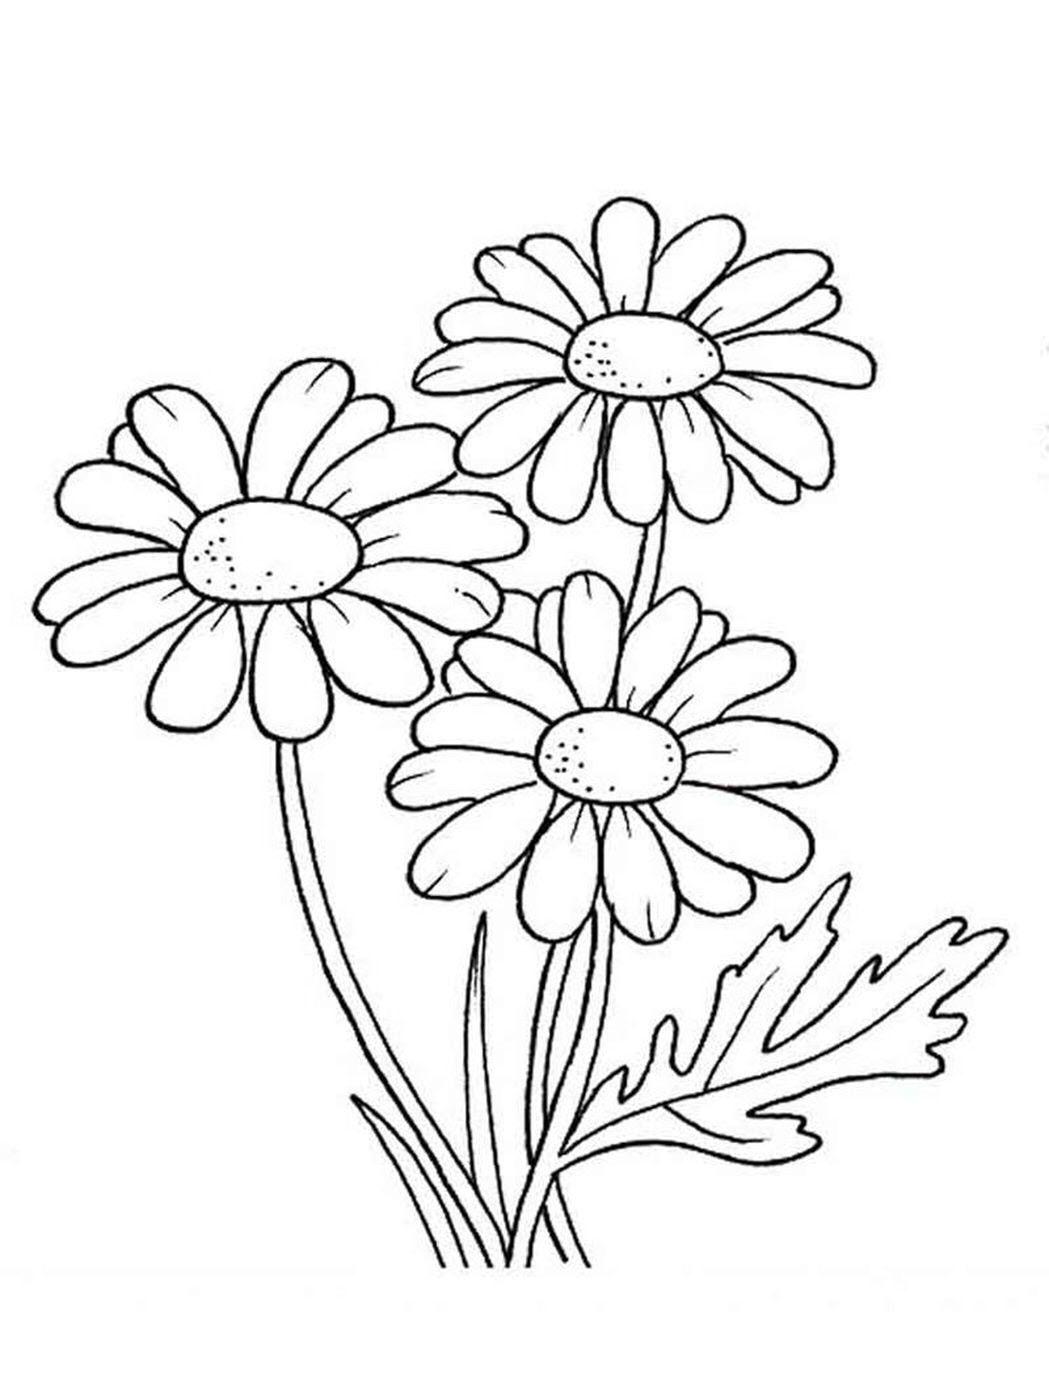 Tranh tô màu hoa cúc đẹp, đơn giản